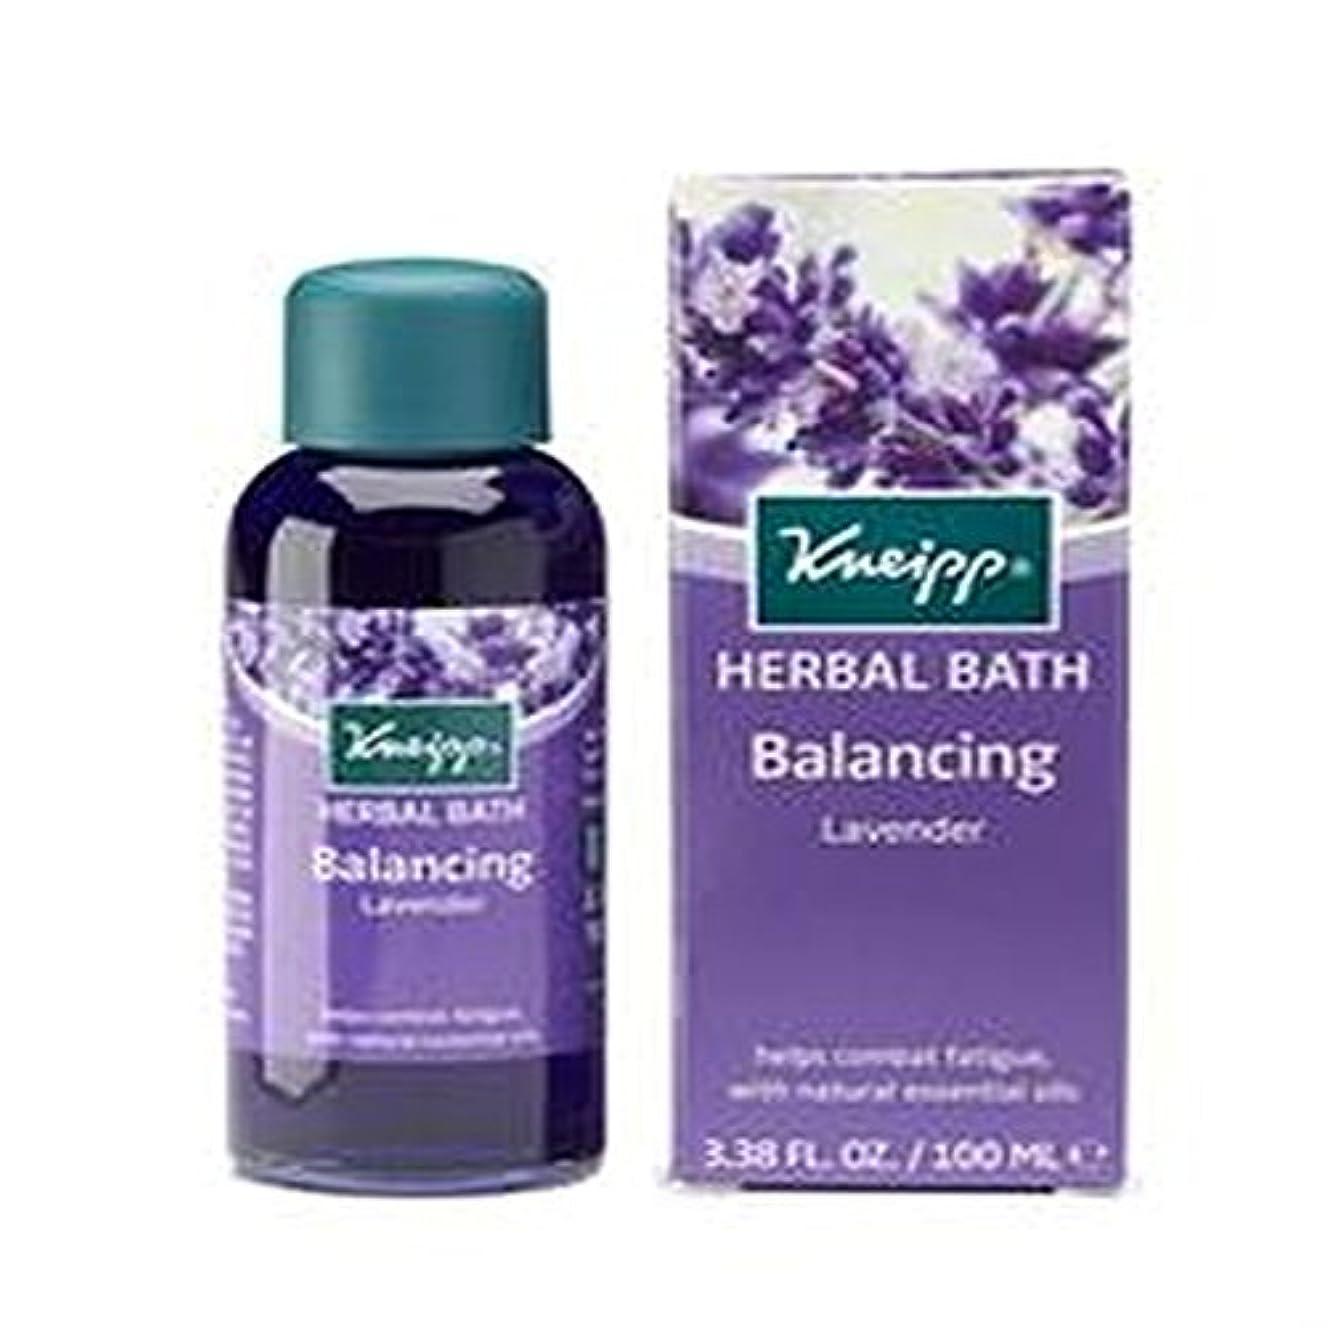 属する協力排出Kneipp Balancing Lavender Herbal Bath - 3.38 Oz. (並行輸入品) [並行輸入品]